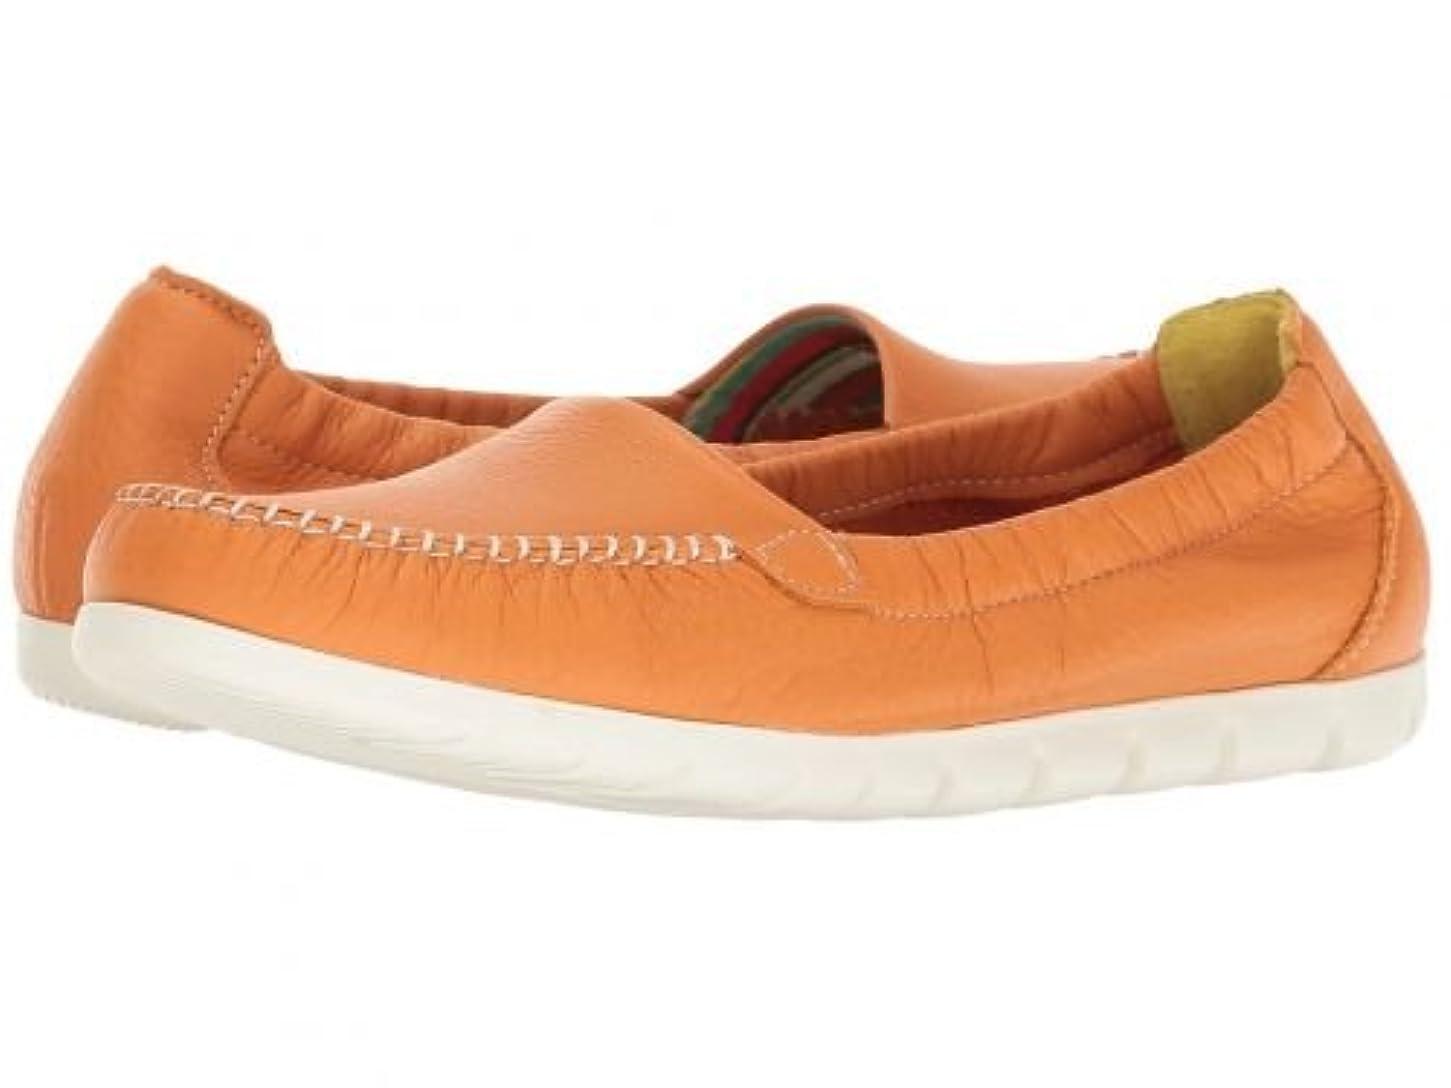 パーセント保全うまくいけばSAS(サス) レディース 女性用 シューズ 靴 ローファー ボートシューズ Sunny - Tangerine Orange [並行輸入品]